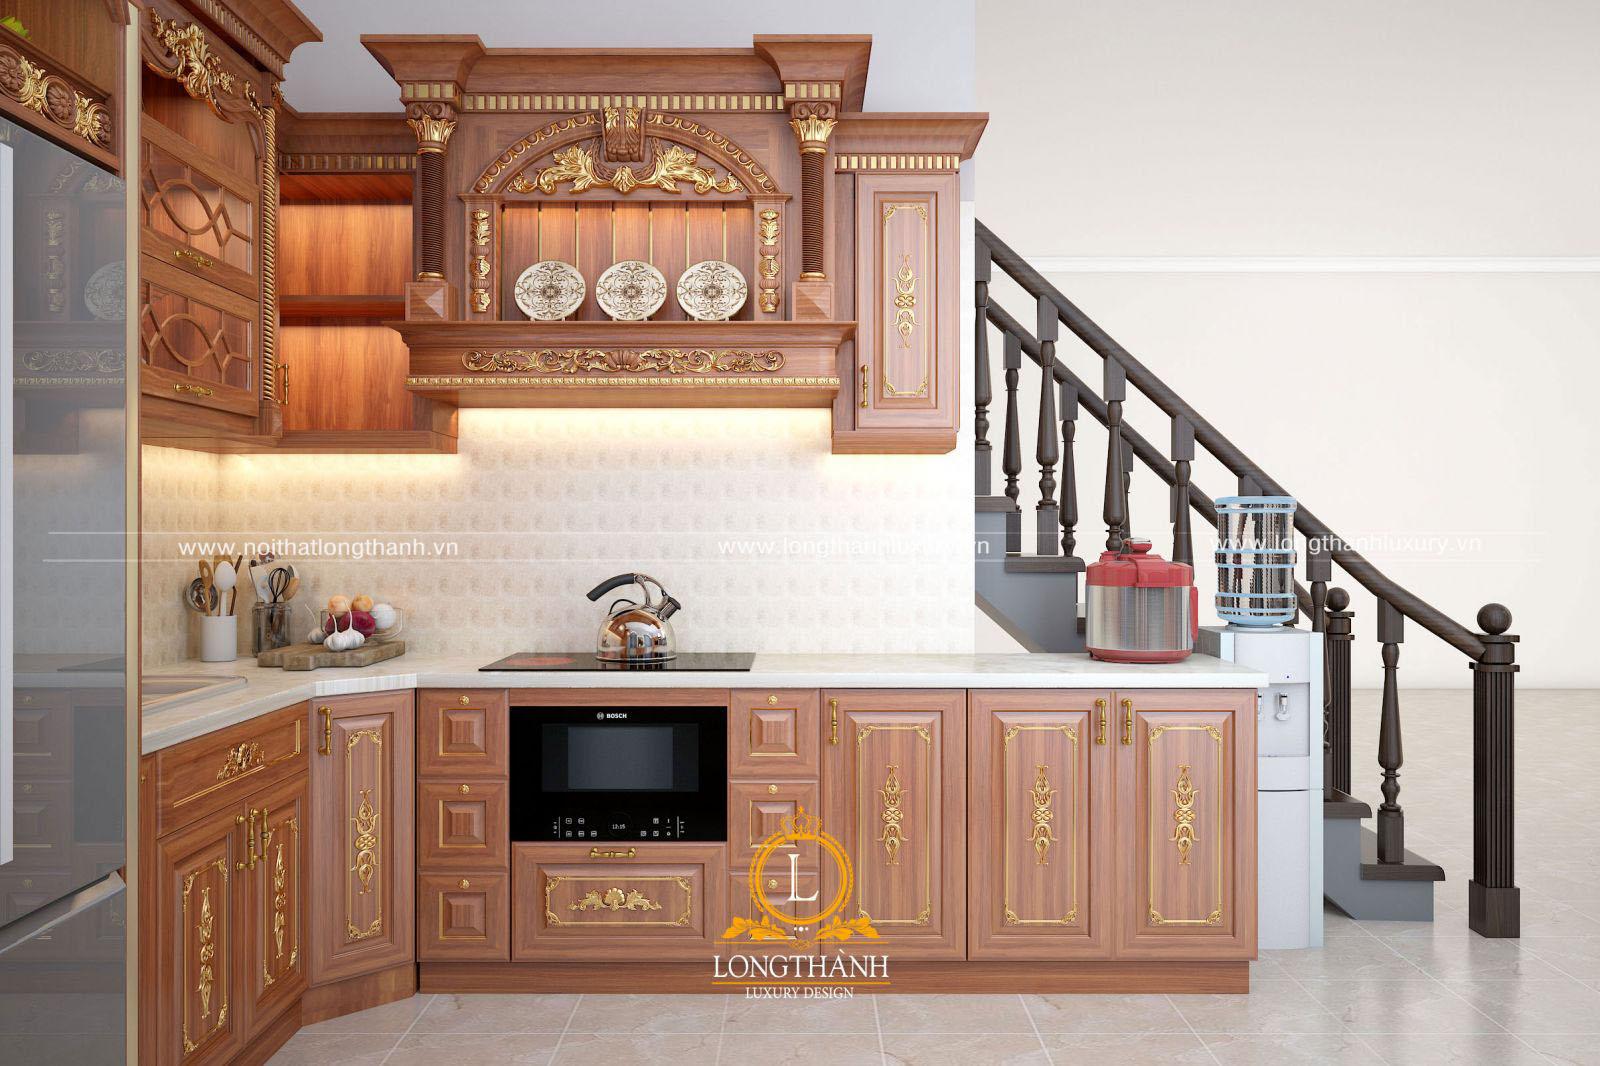 Thiết kế tủ bếp dưới gầm cầu thang – Nên hay không?